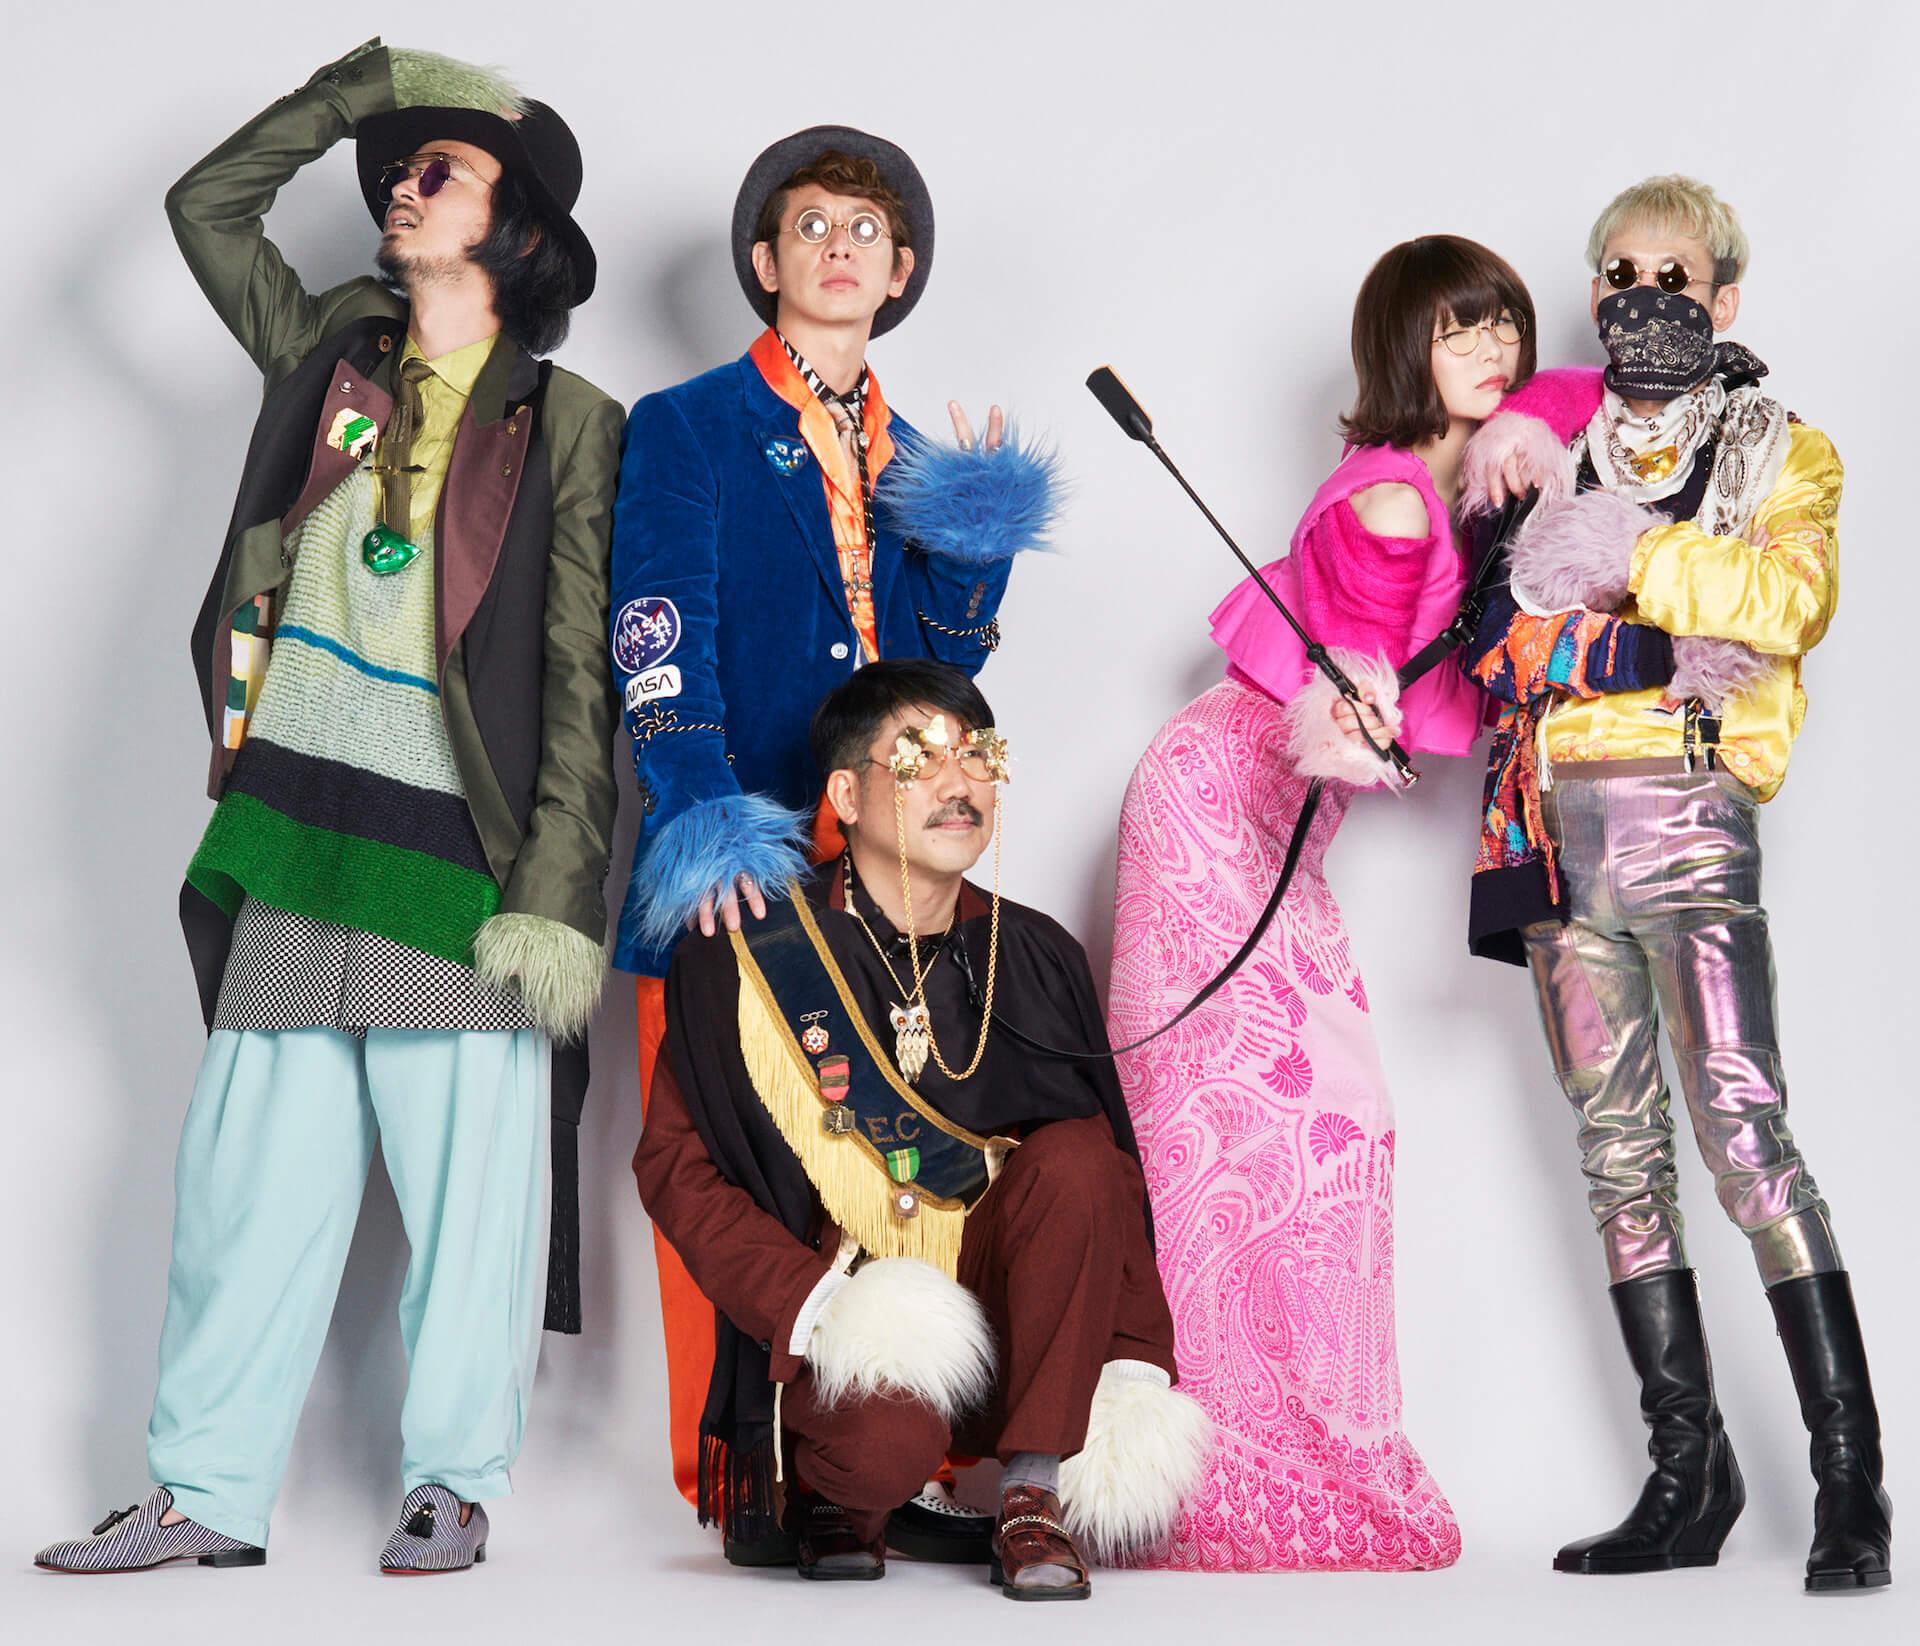 復活を遂げた東京事変が『NHK紅白歌合戦』に初出場決定!コメントも到着「どうなりますことやら」 music201116_tokyoincident_main